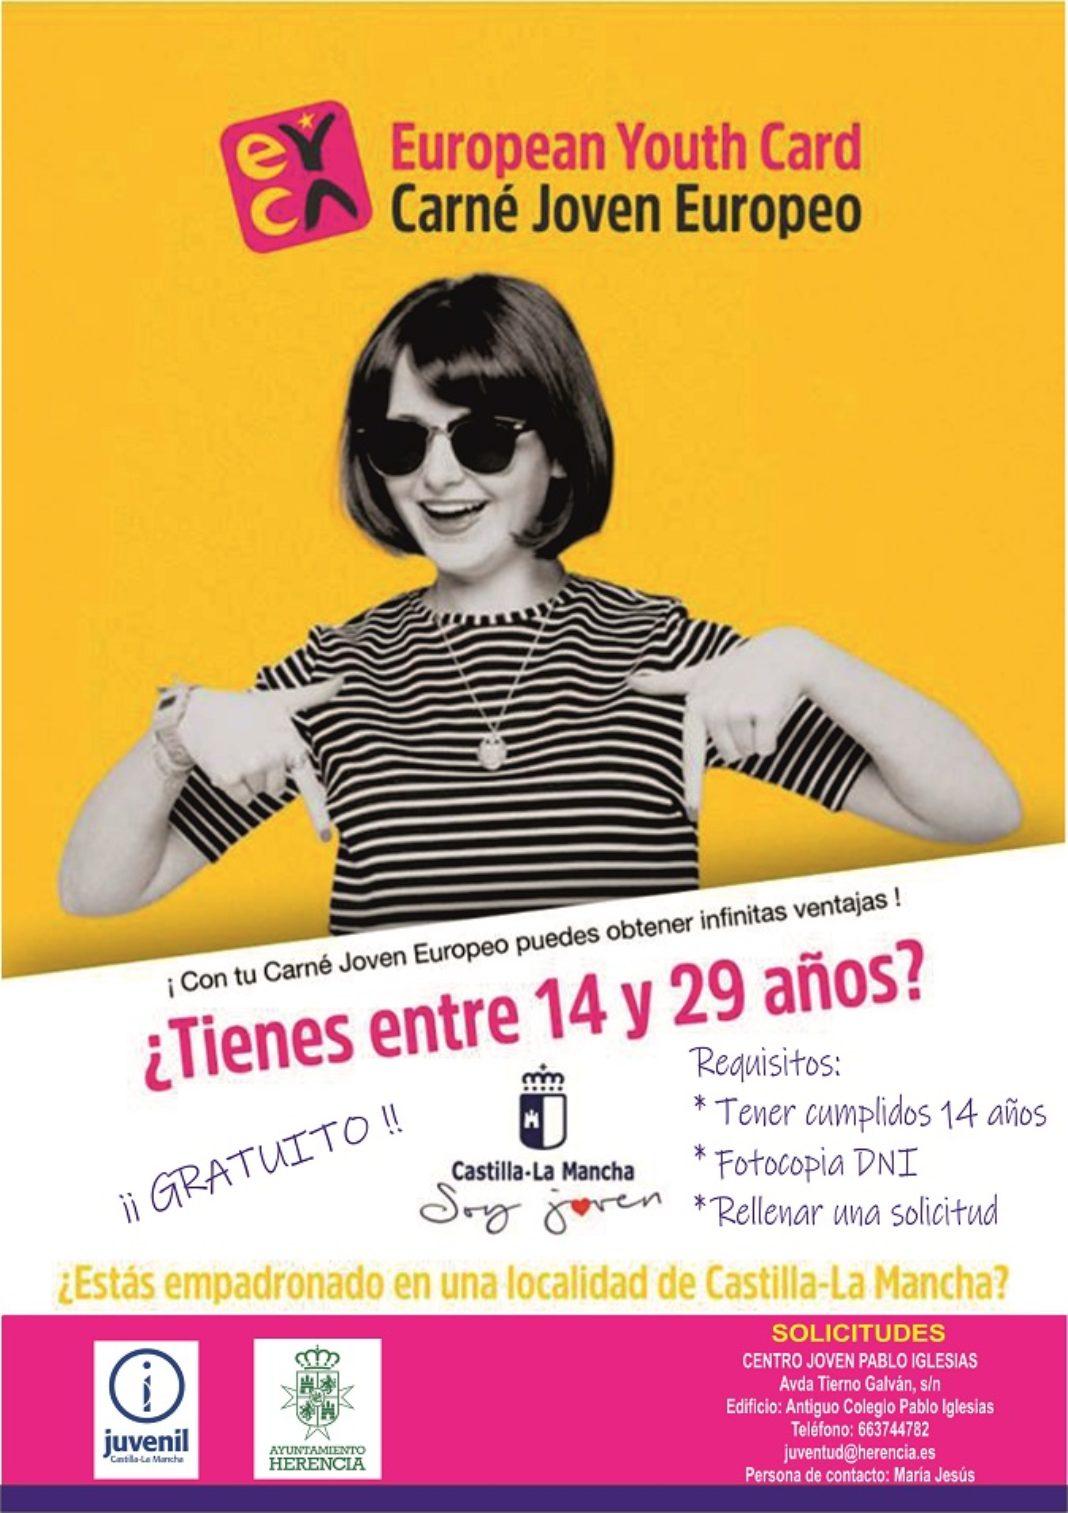 Campaña carné joven octubre 1068x1513 - Campaña para el fomento del Carné Joven Europeo